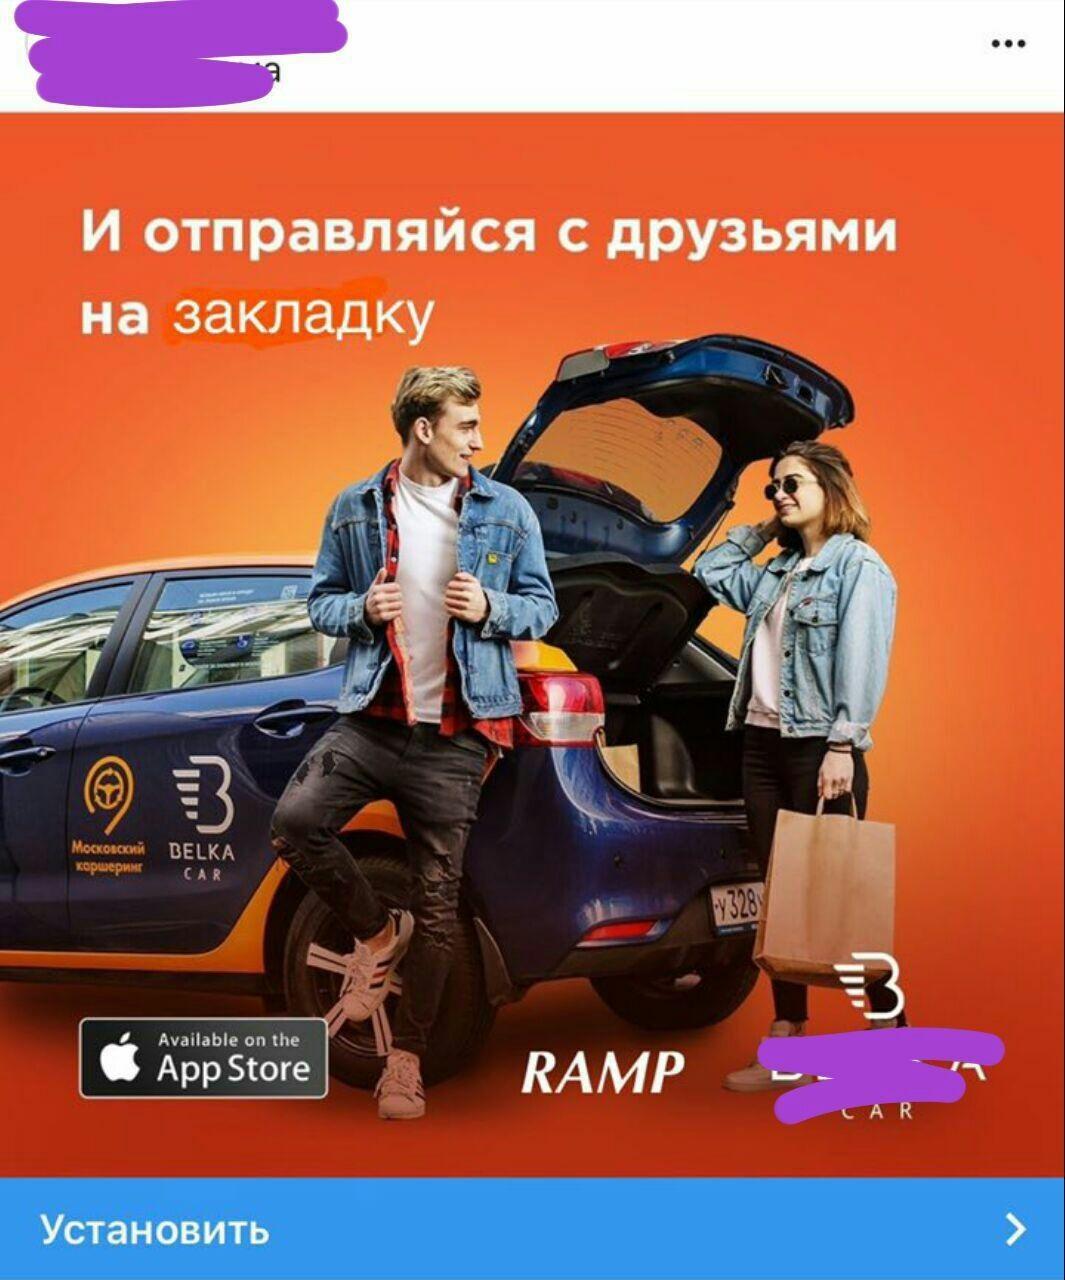 Неизвестные предложили арендовать машину каршерингового сервиса BelkaCar для поездки за закладкой